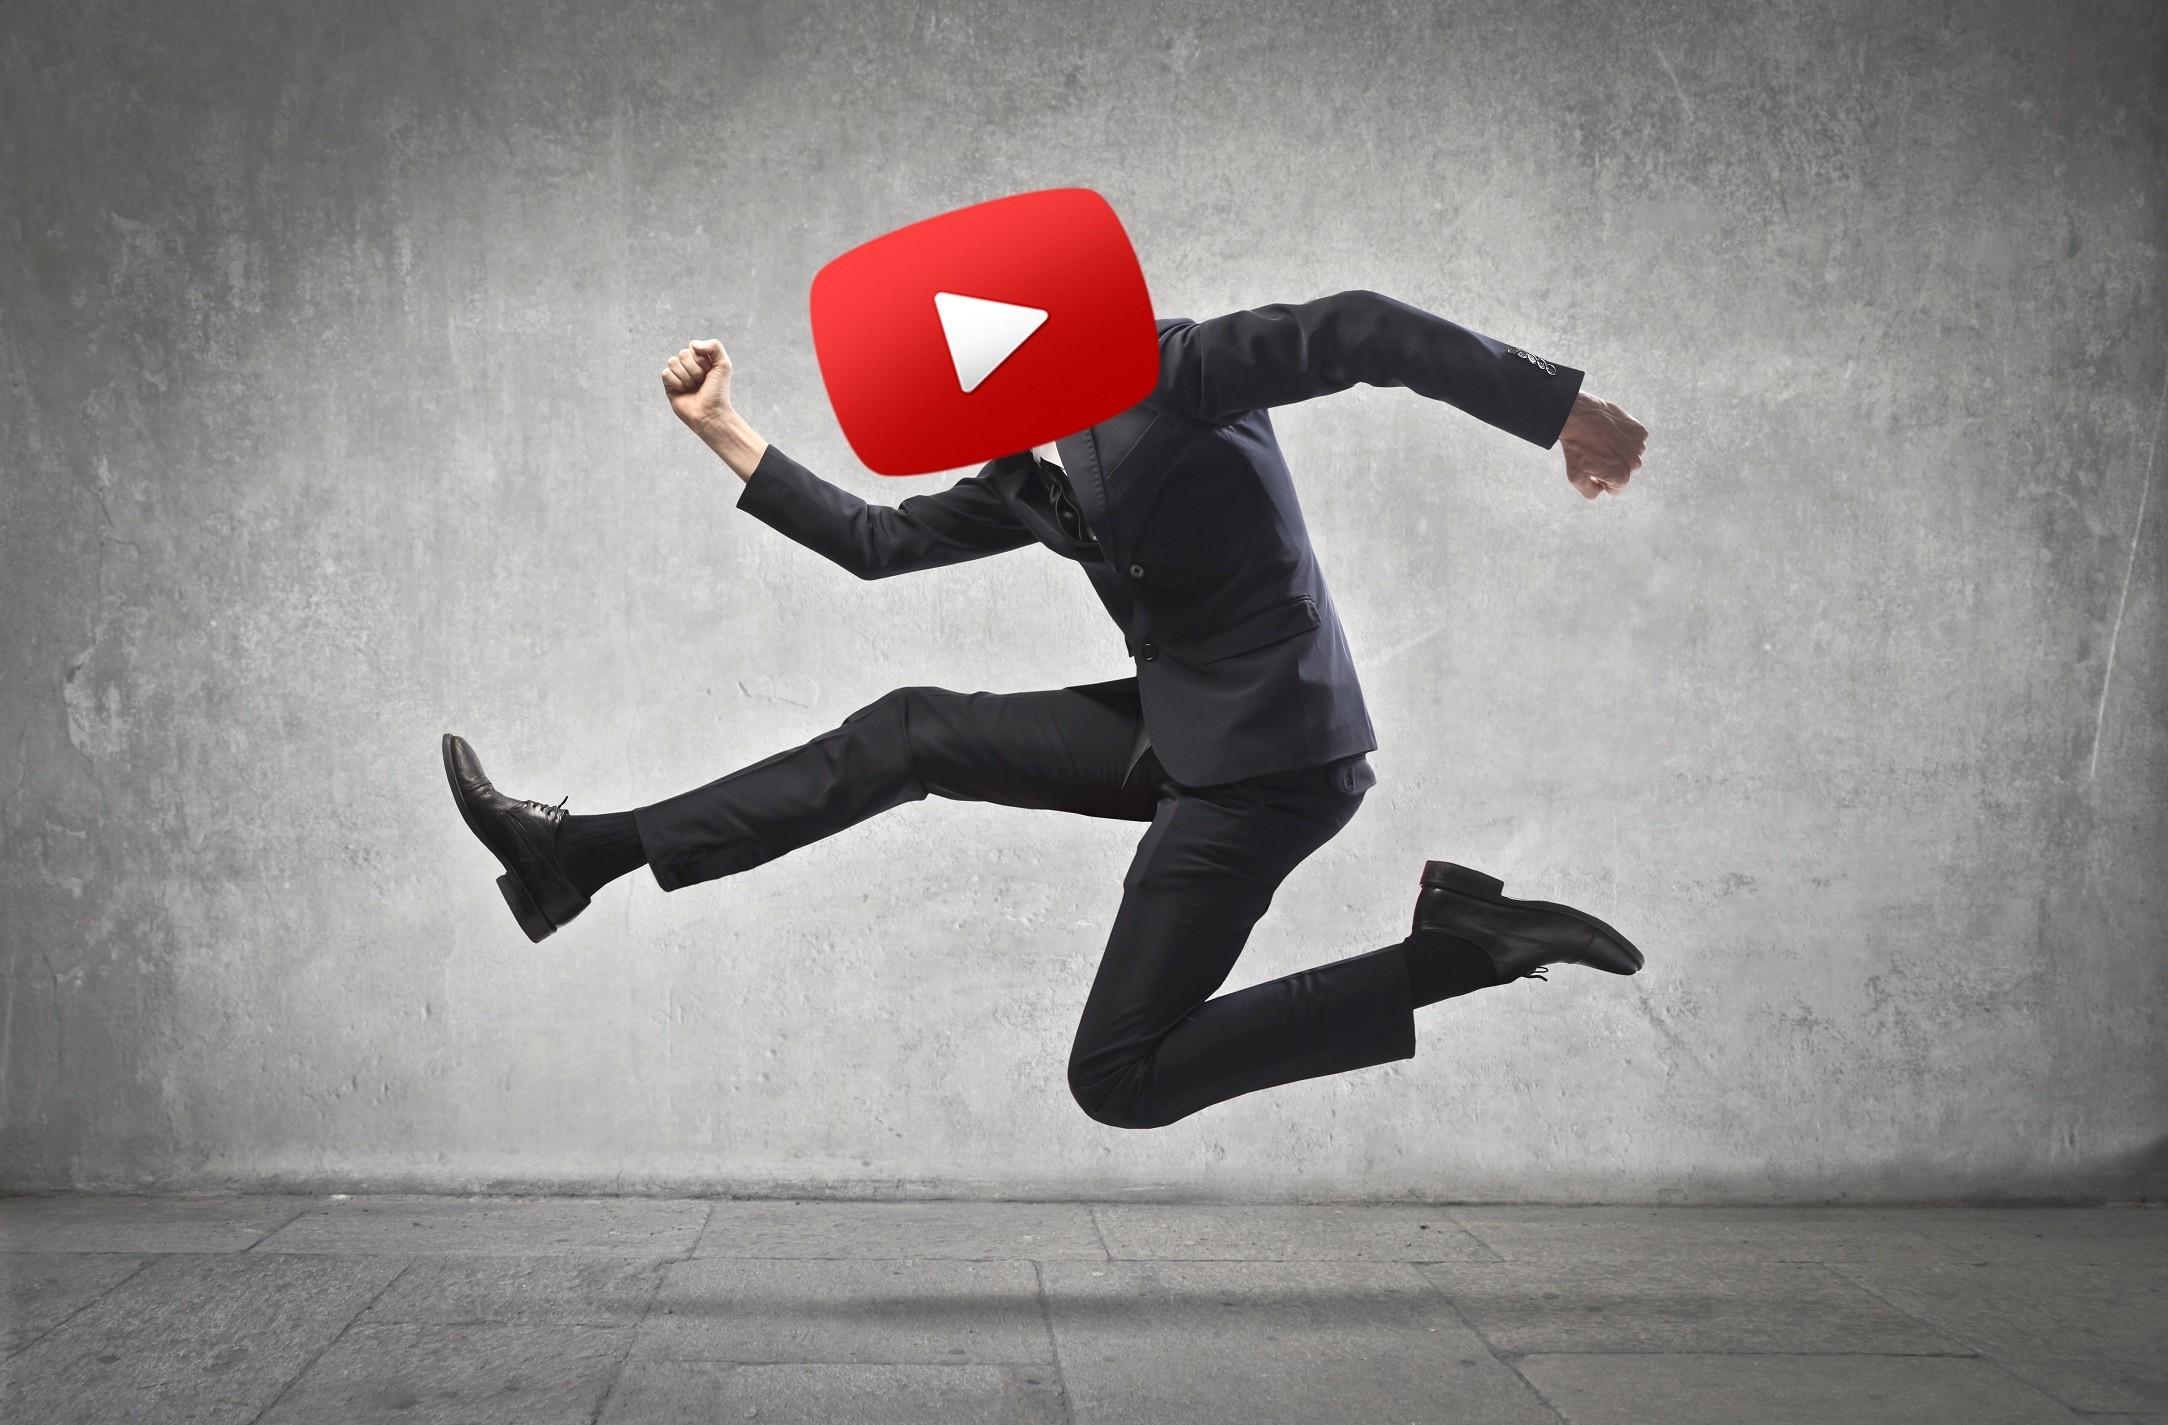 Vídeos Institucionais e sites de streaming - Como ganhar acessos? 2